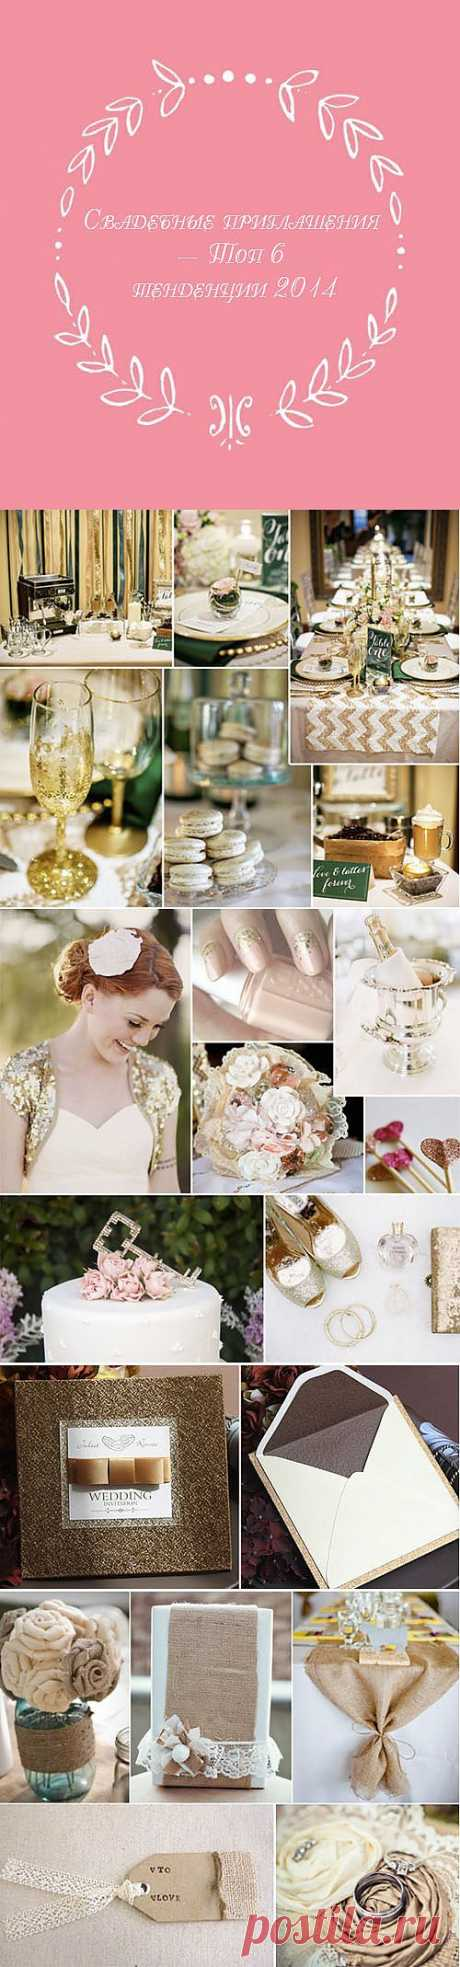 ¡La revista de la tendencia en las invitaciones de boda del año siguiente! ¡Las muchachas, quien no ha estado determinado con el estilo, usted aquí!)